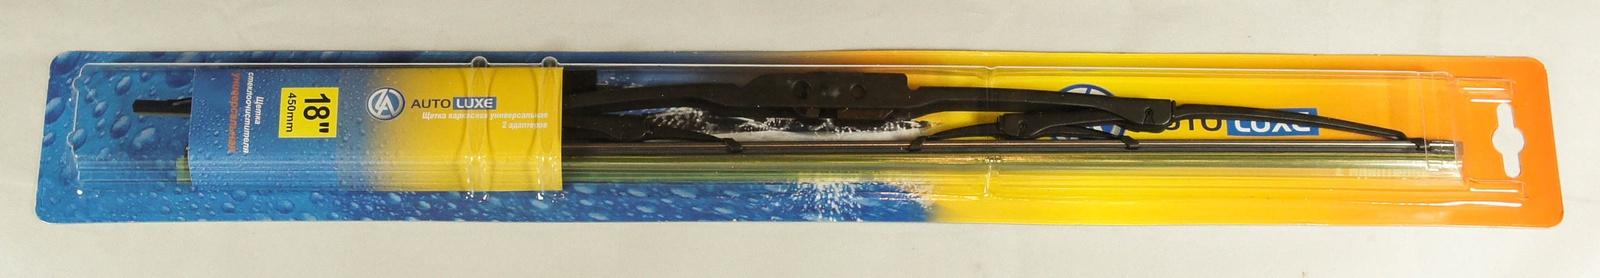 Щетка стеклоочистителя Autoluxe каркасная универсальная 18 дюймов/450 мм, черный цена и фото